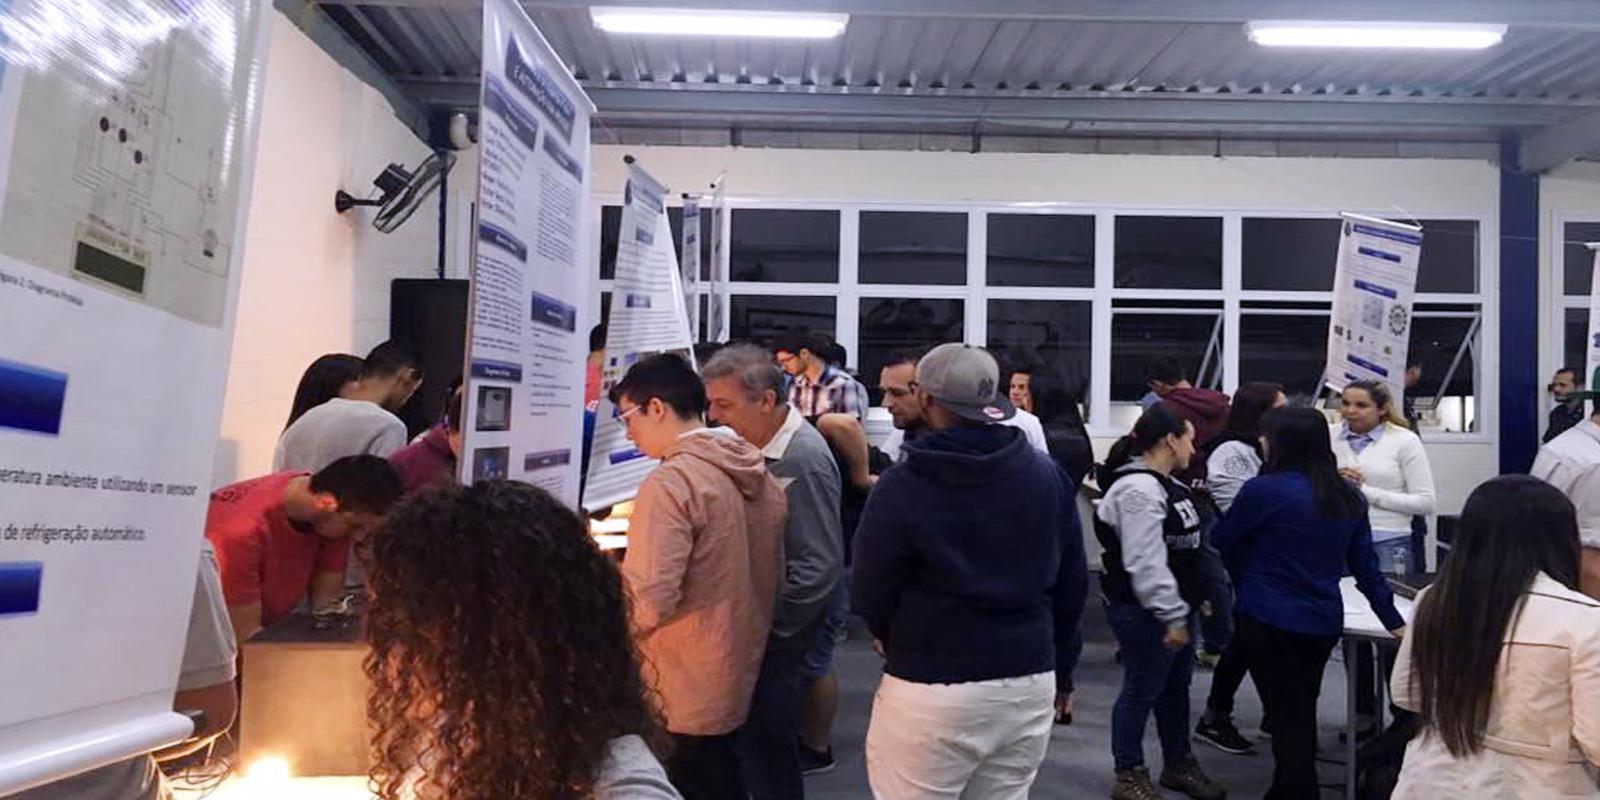 II Mostra de Projetos Multidisciplinares das Engenharias da FAAT revela projetos inovadores